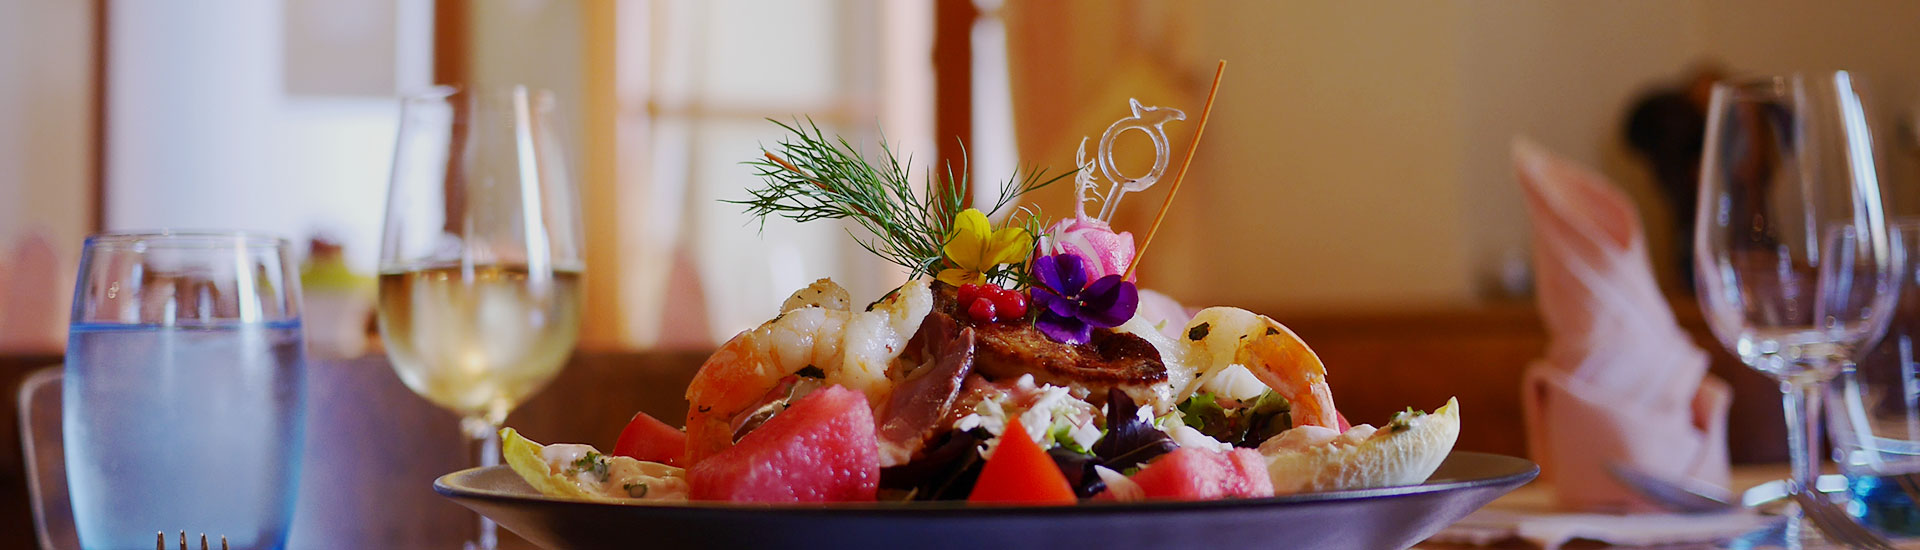 Salade Estivale Auberge de Gilly